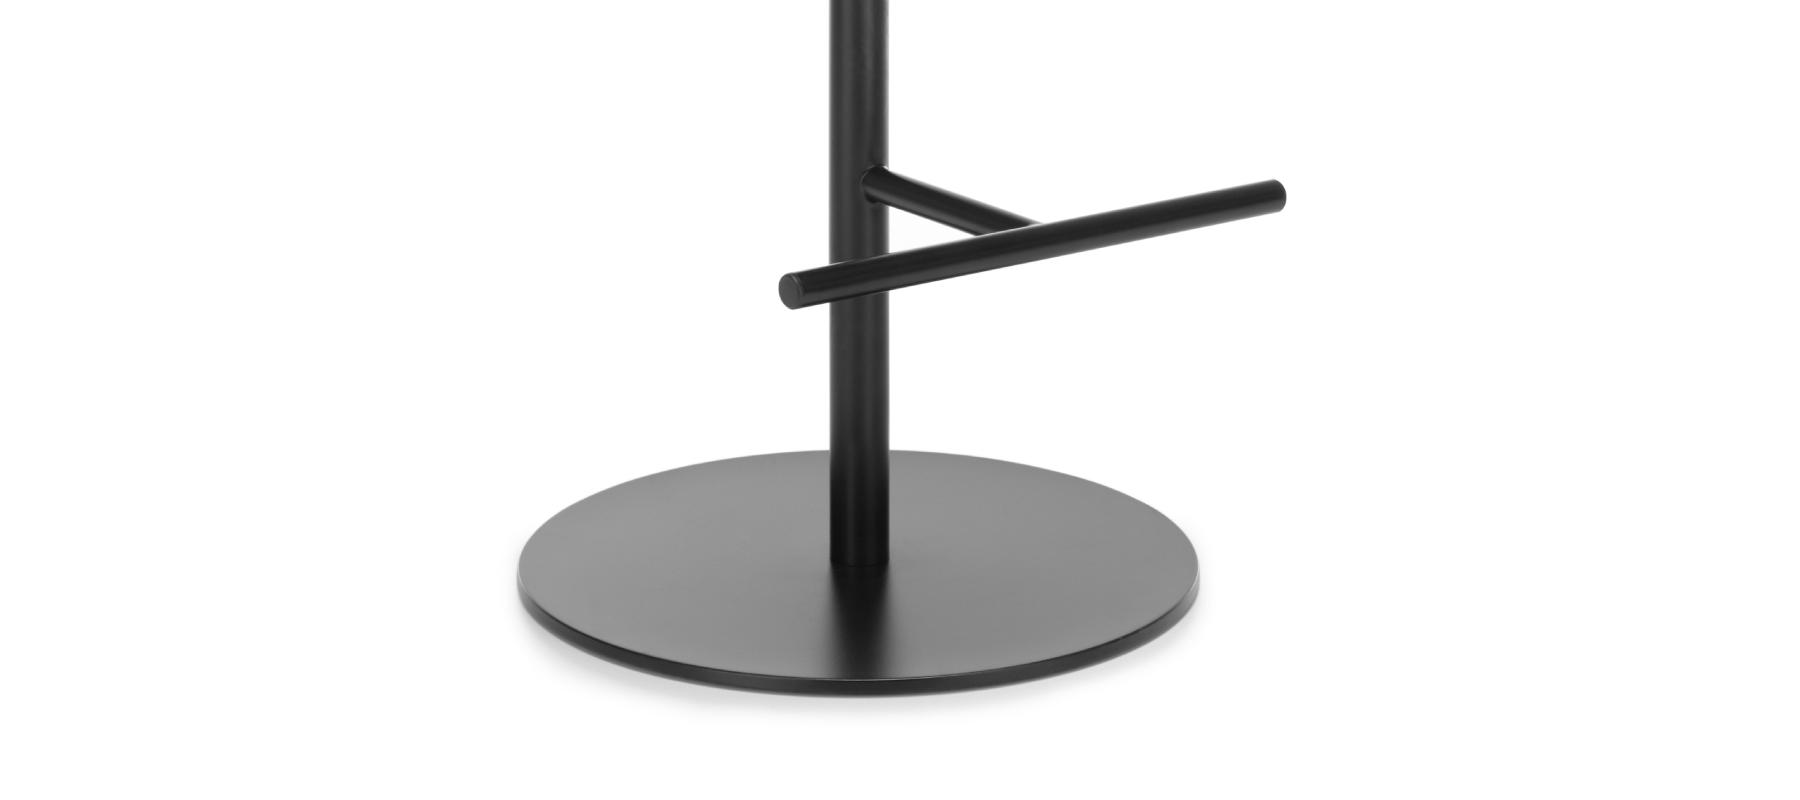 krzesła stacjonarne chic detale - 04